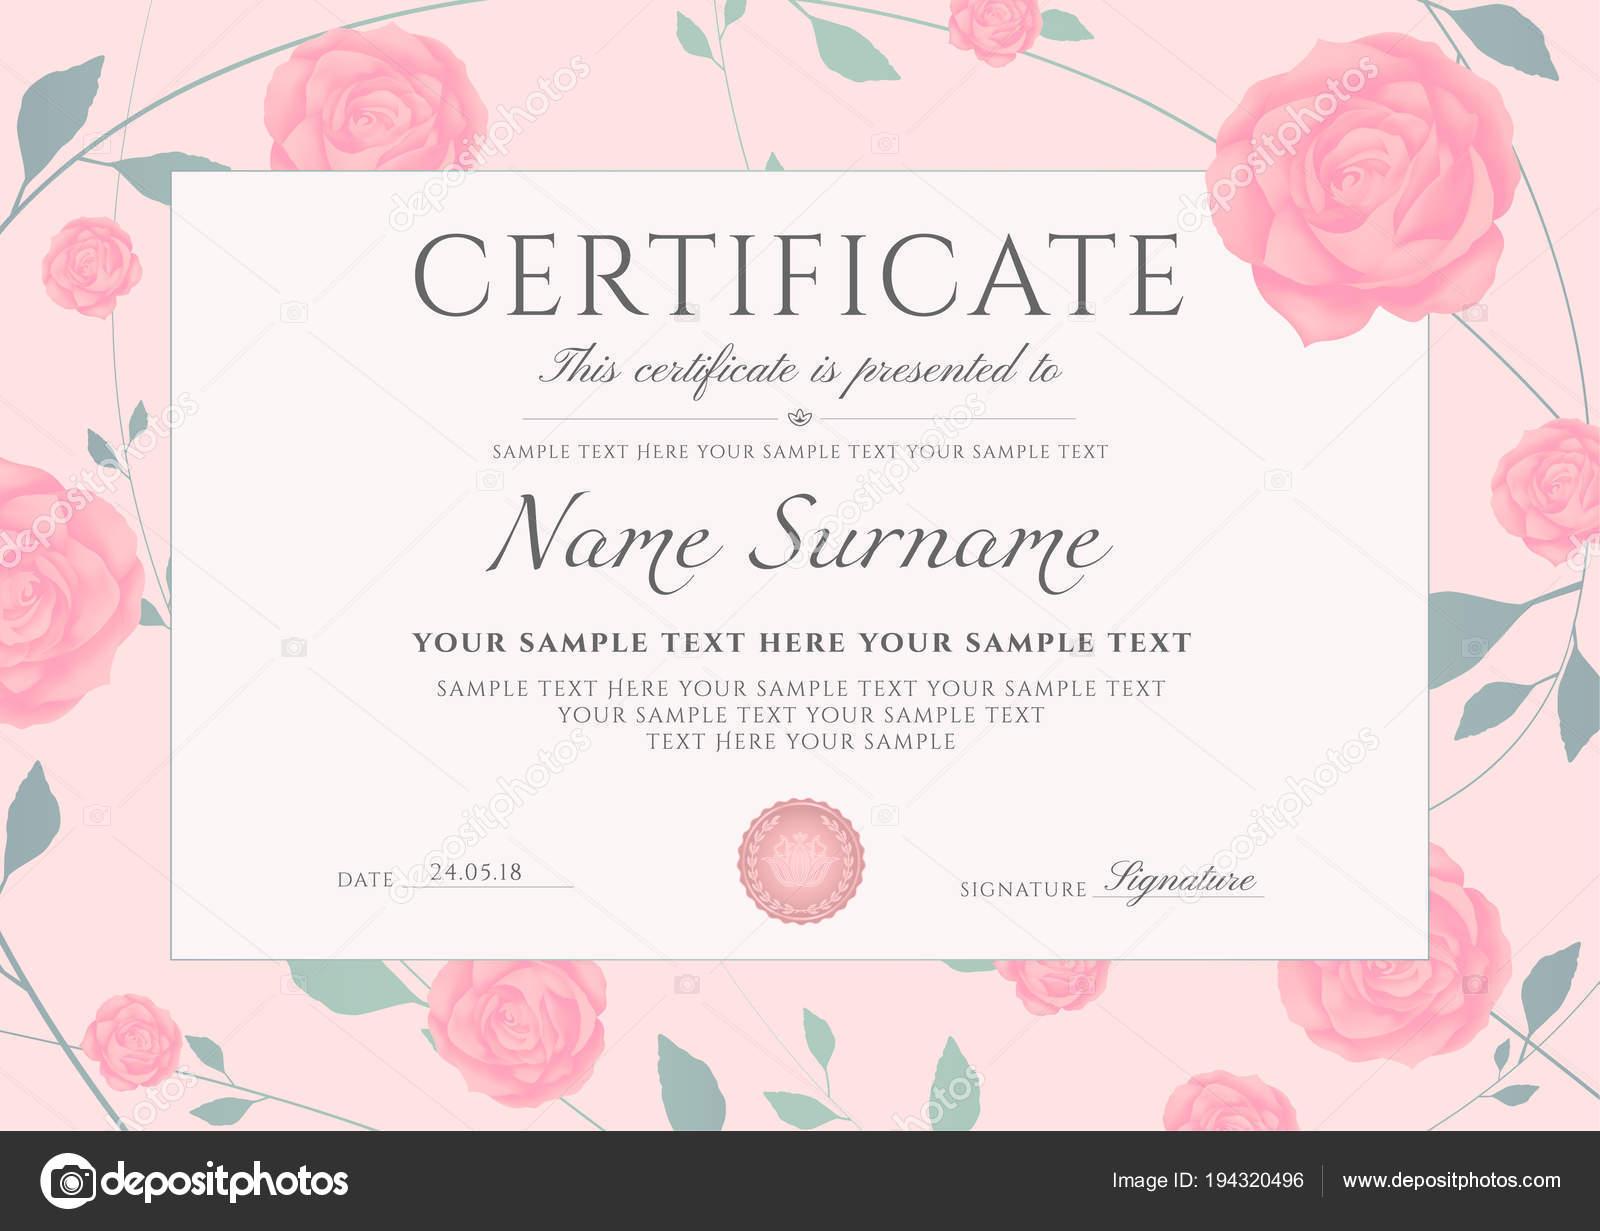 Bescheinigung Über Die Fertigstellung Vorlage Mit Blumen Rosa ...